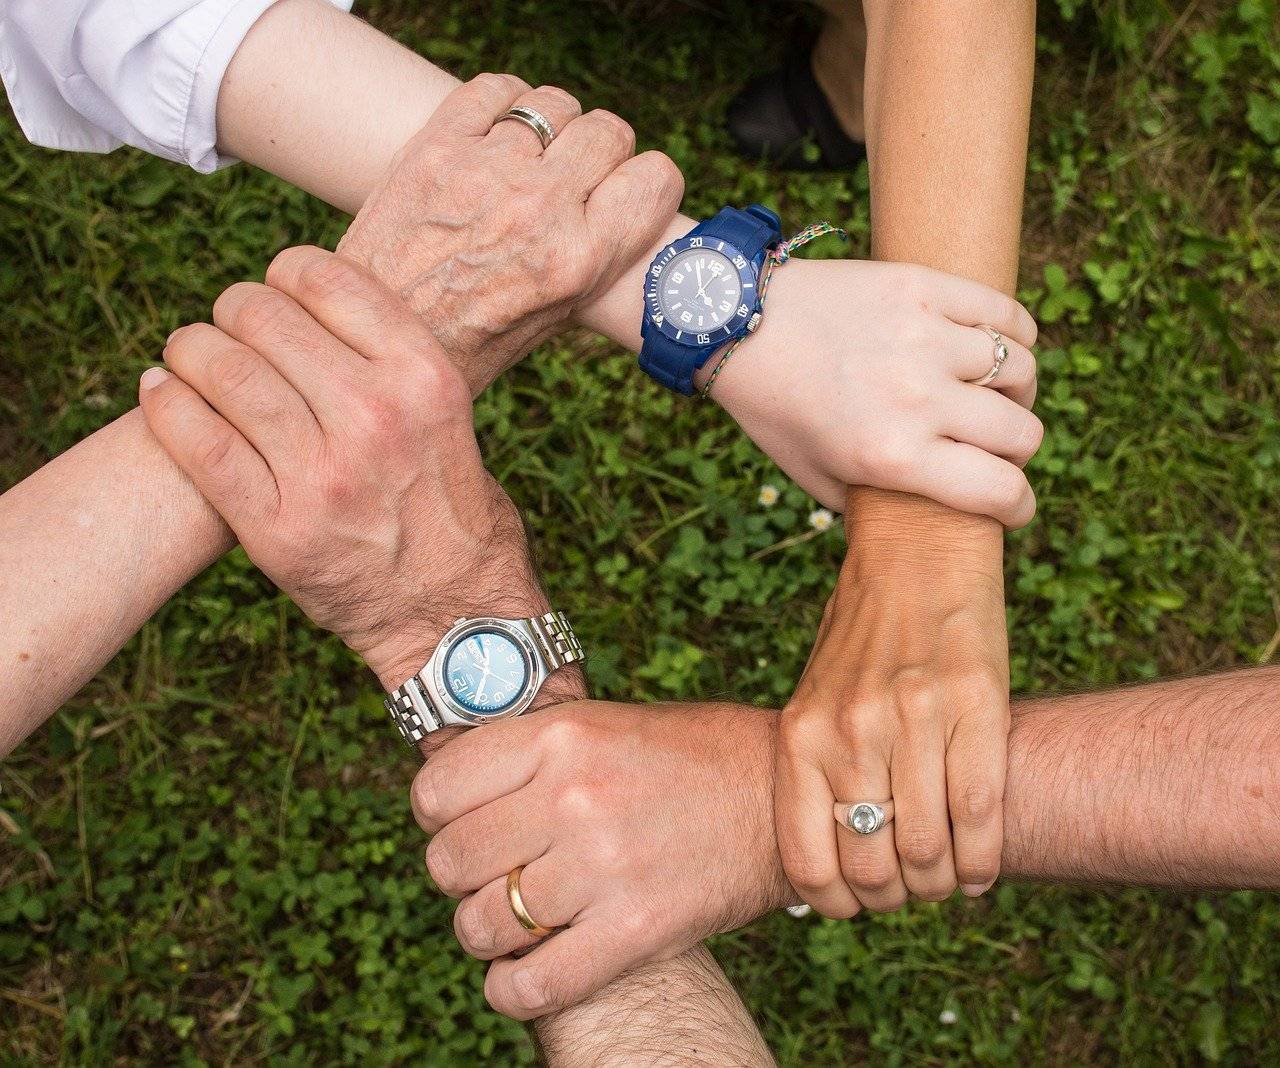 A-che-Cosa-Serve-il-Coaching-per-la-Famiglia A che cosa serve il Coaching per genitori